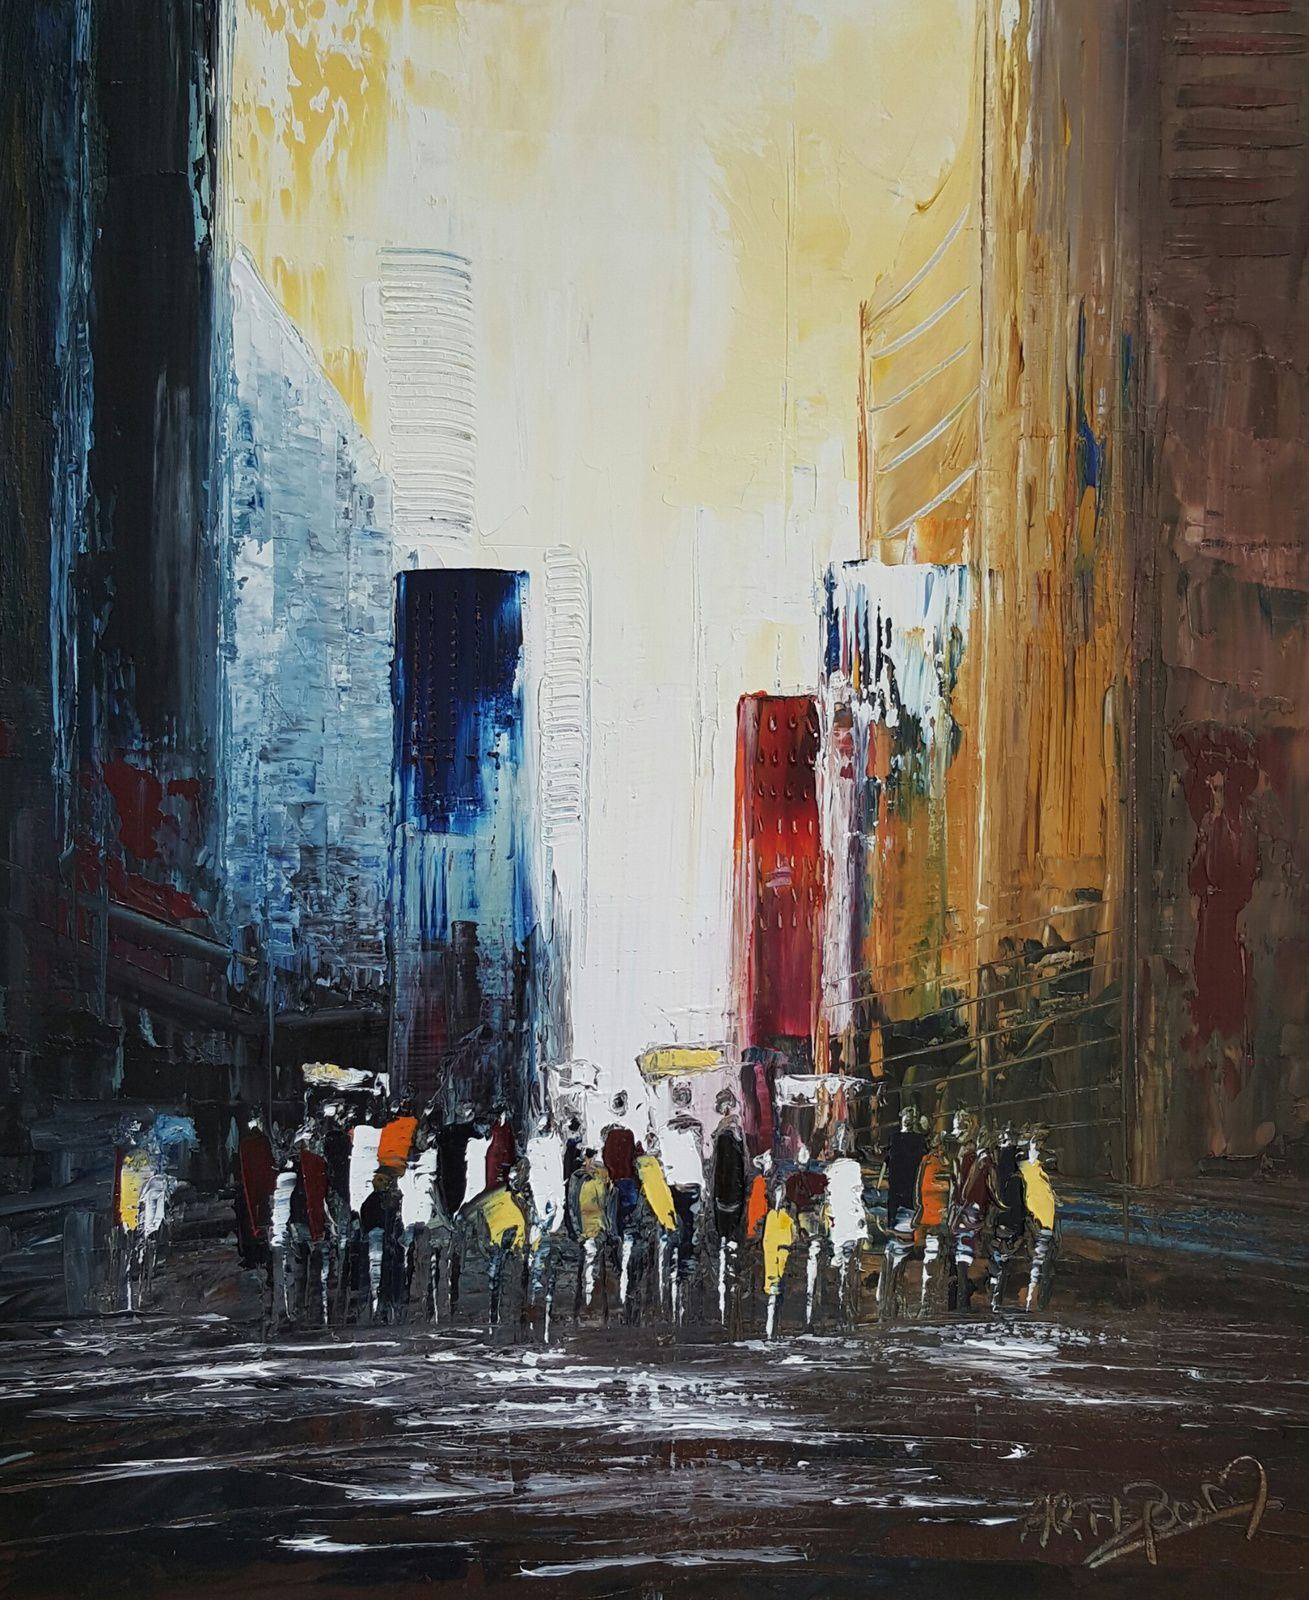 Le défilé, huile sur toile, format 46x55, disponible